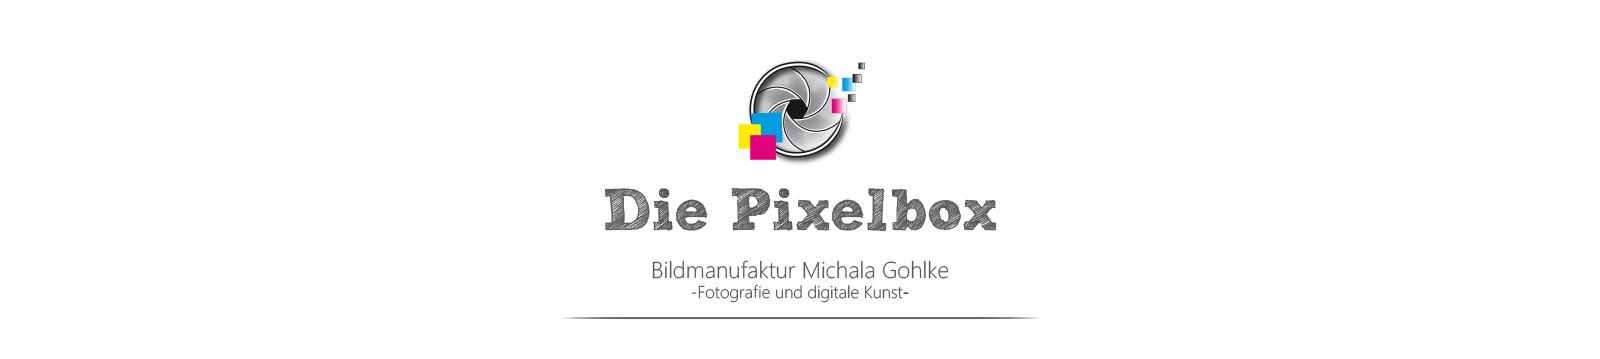 DiePixelBox